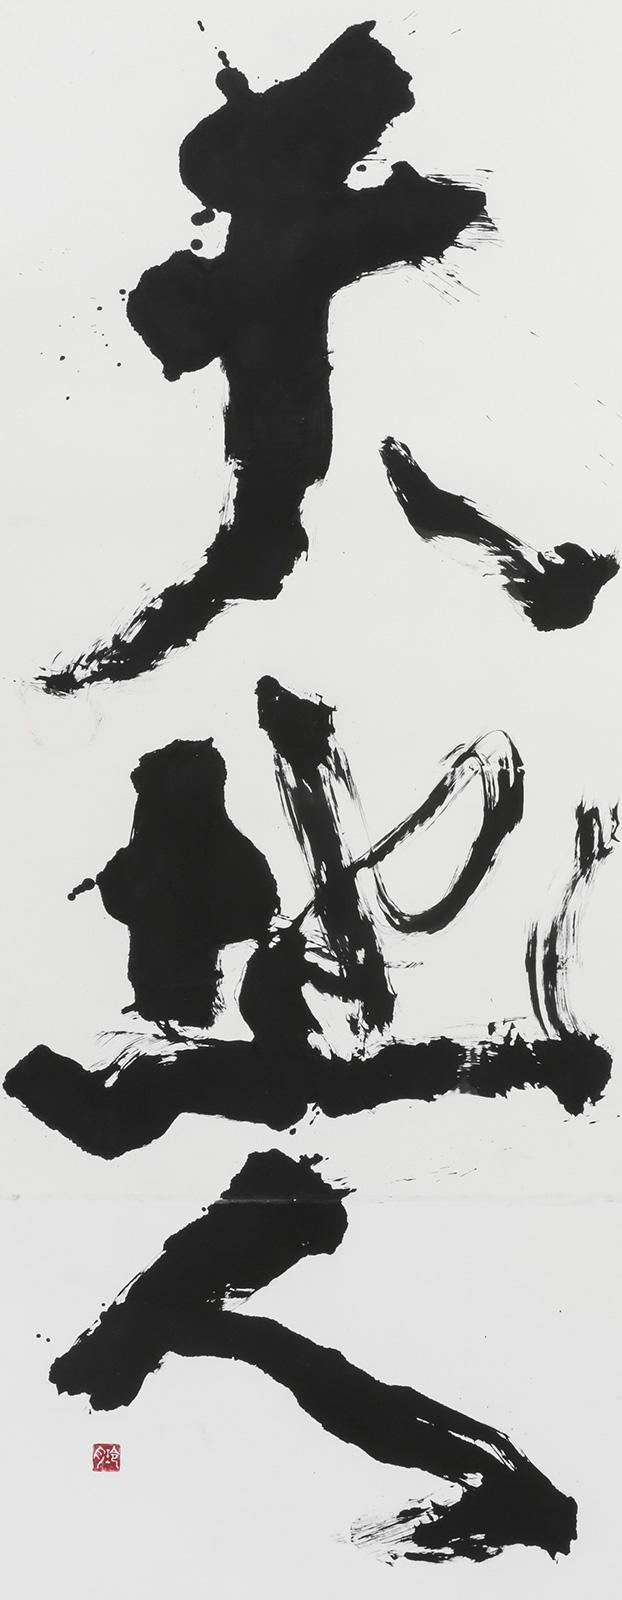 第35回記念産経国際書展新春展出品作「天地人」(縦180×横90センチ)